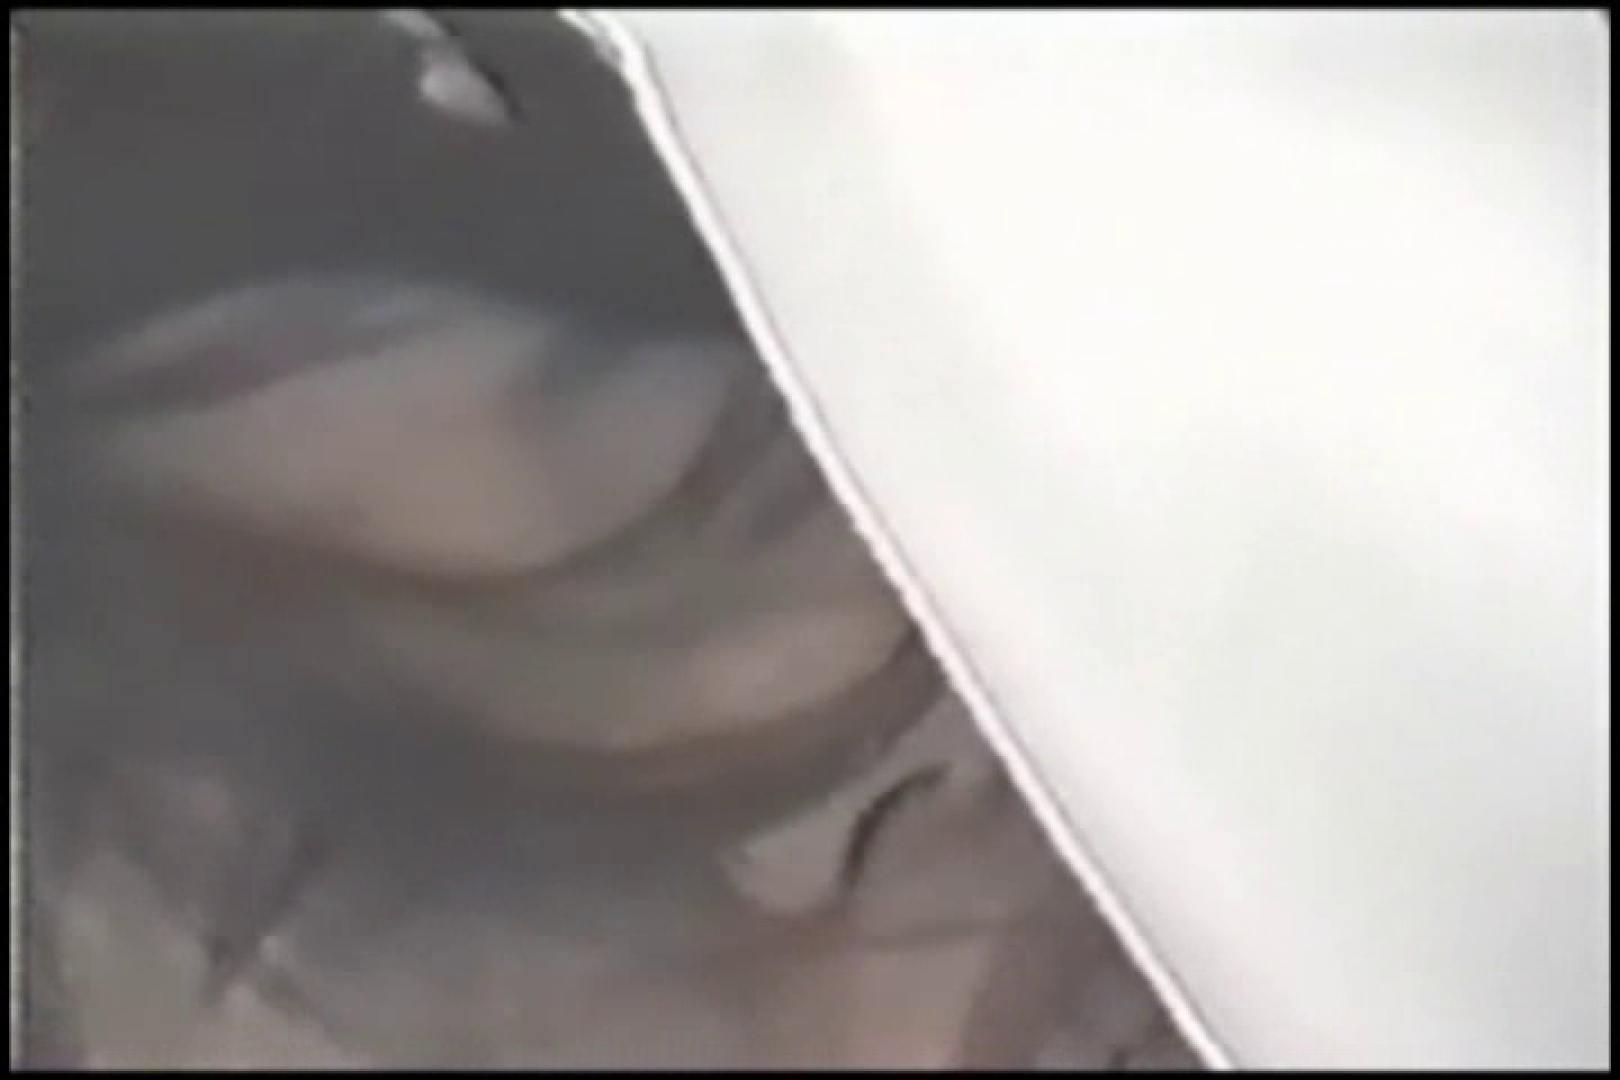 前後不覚に酔っている女を撮影する鬼畜親父 ホテル隠し撮り   鬼畜  70pic 45